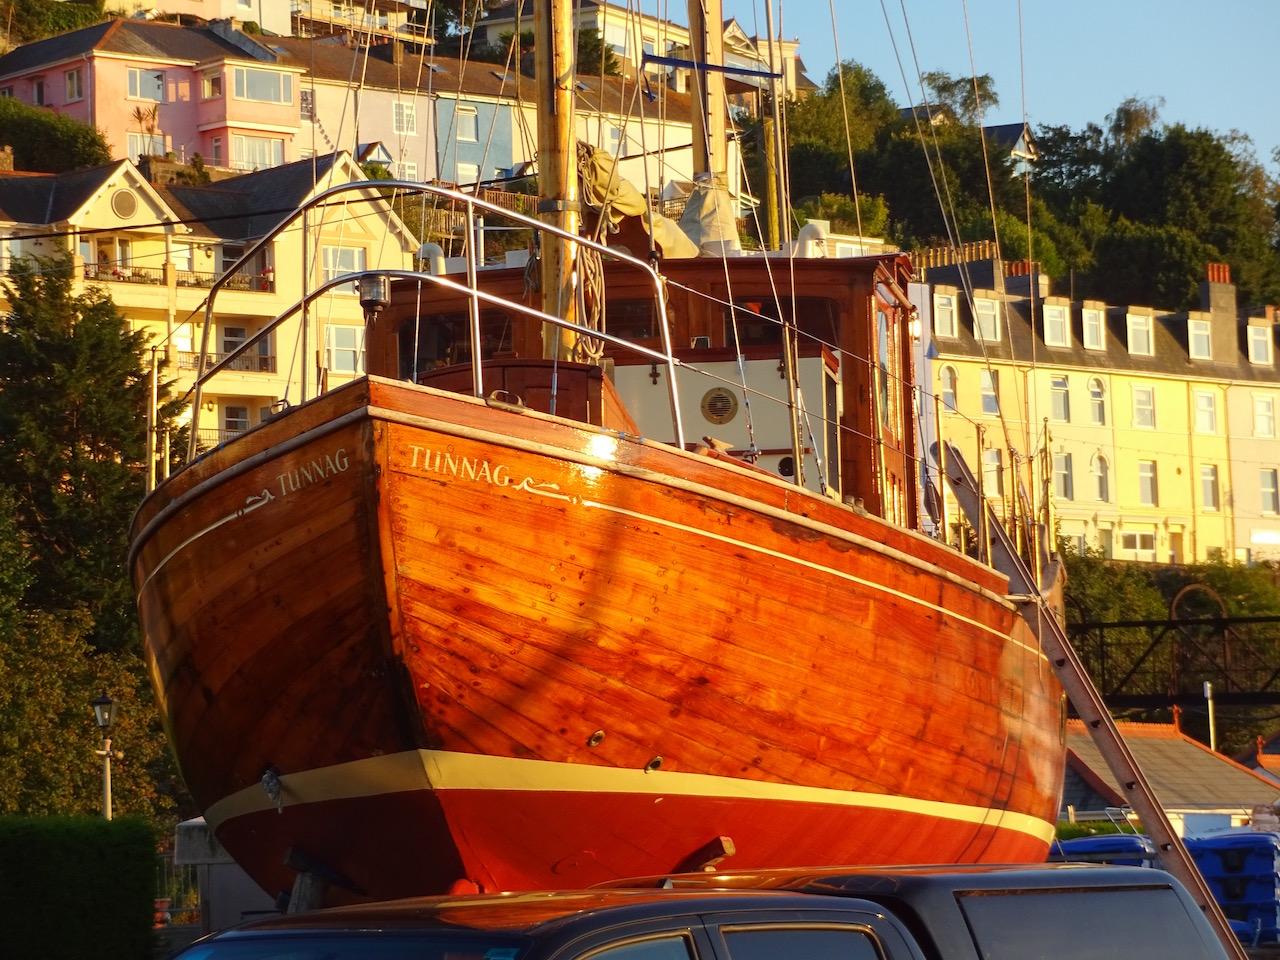 wunderschönes Holz Yacht